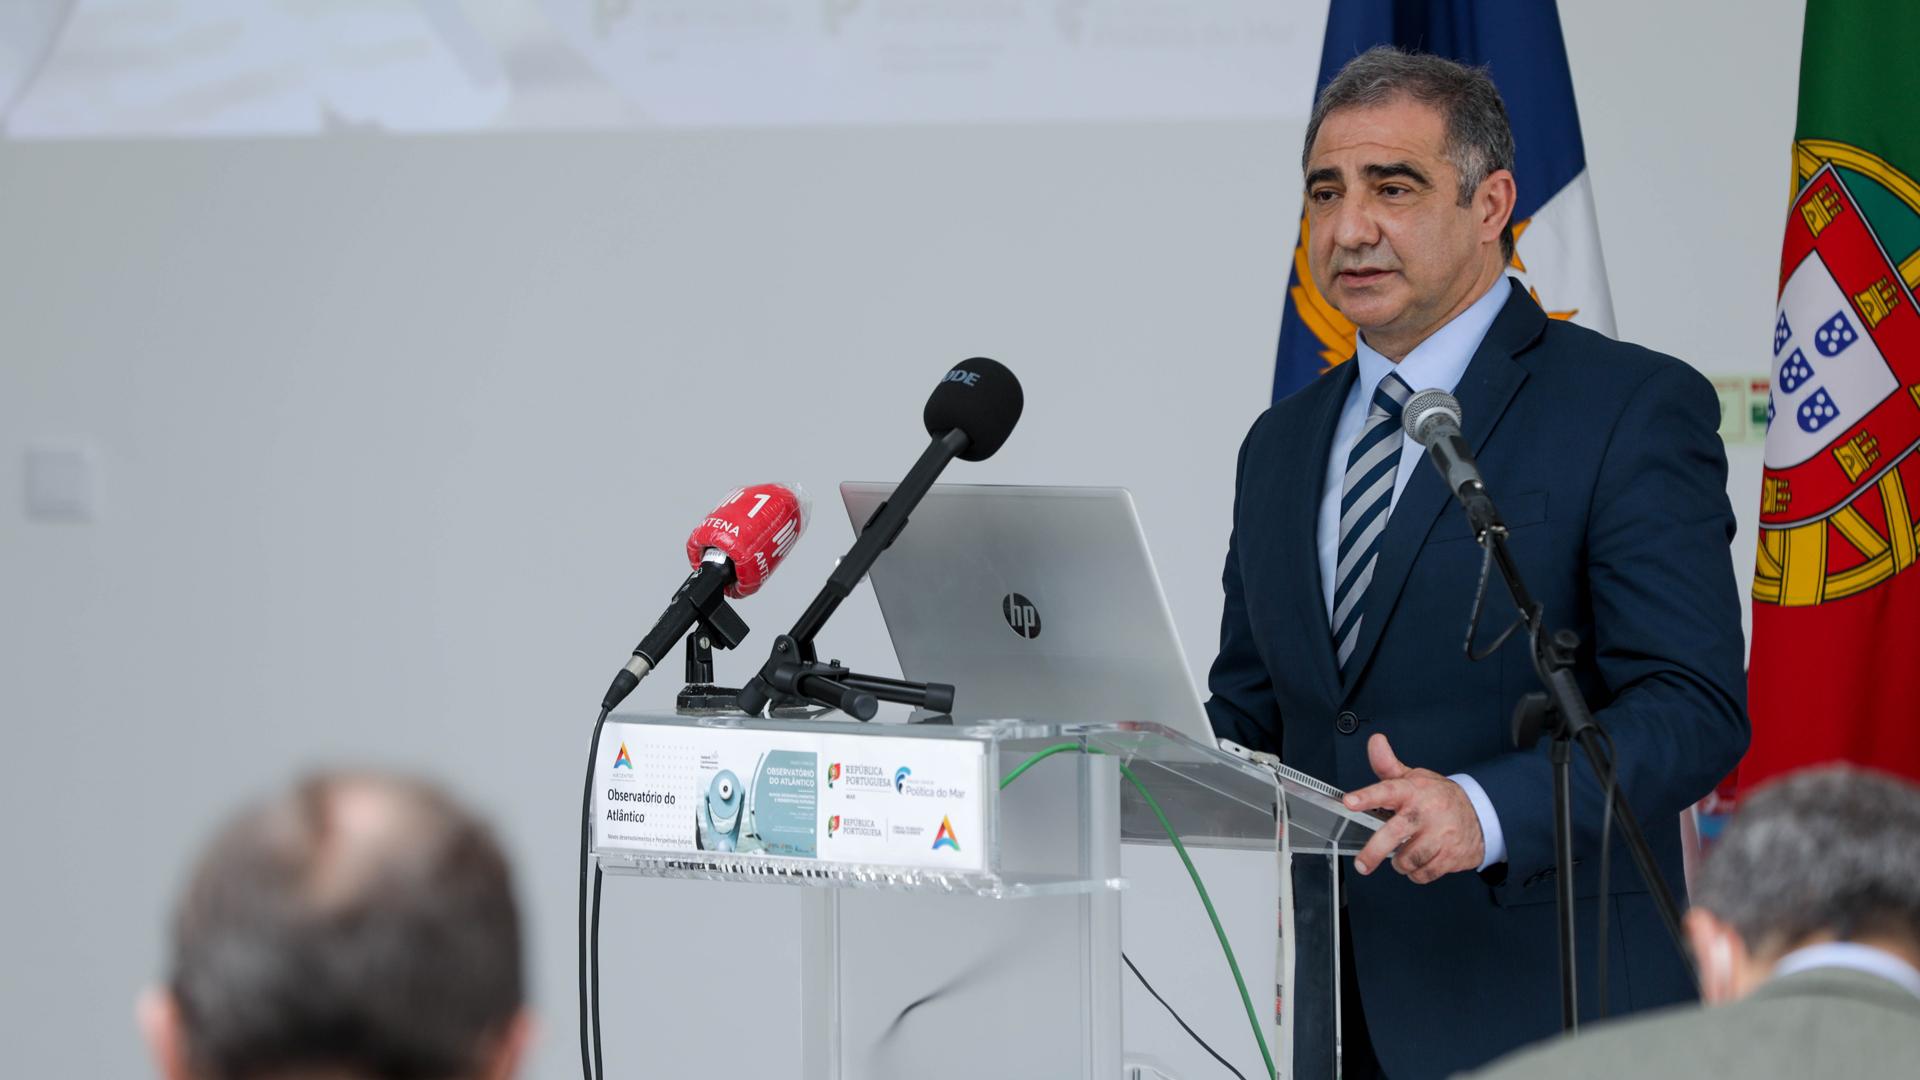 """Presidente do Governo quer """"olhar atento de todos"""" na implementação do PRR nos Açores"""